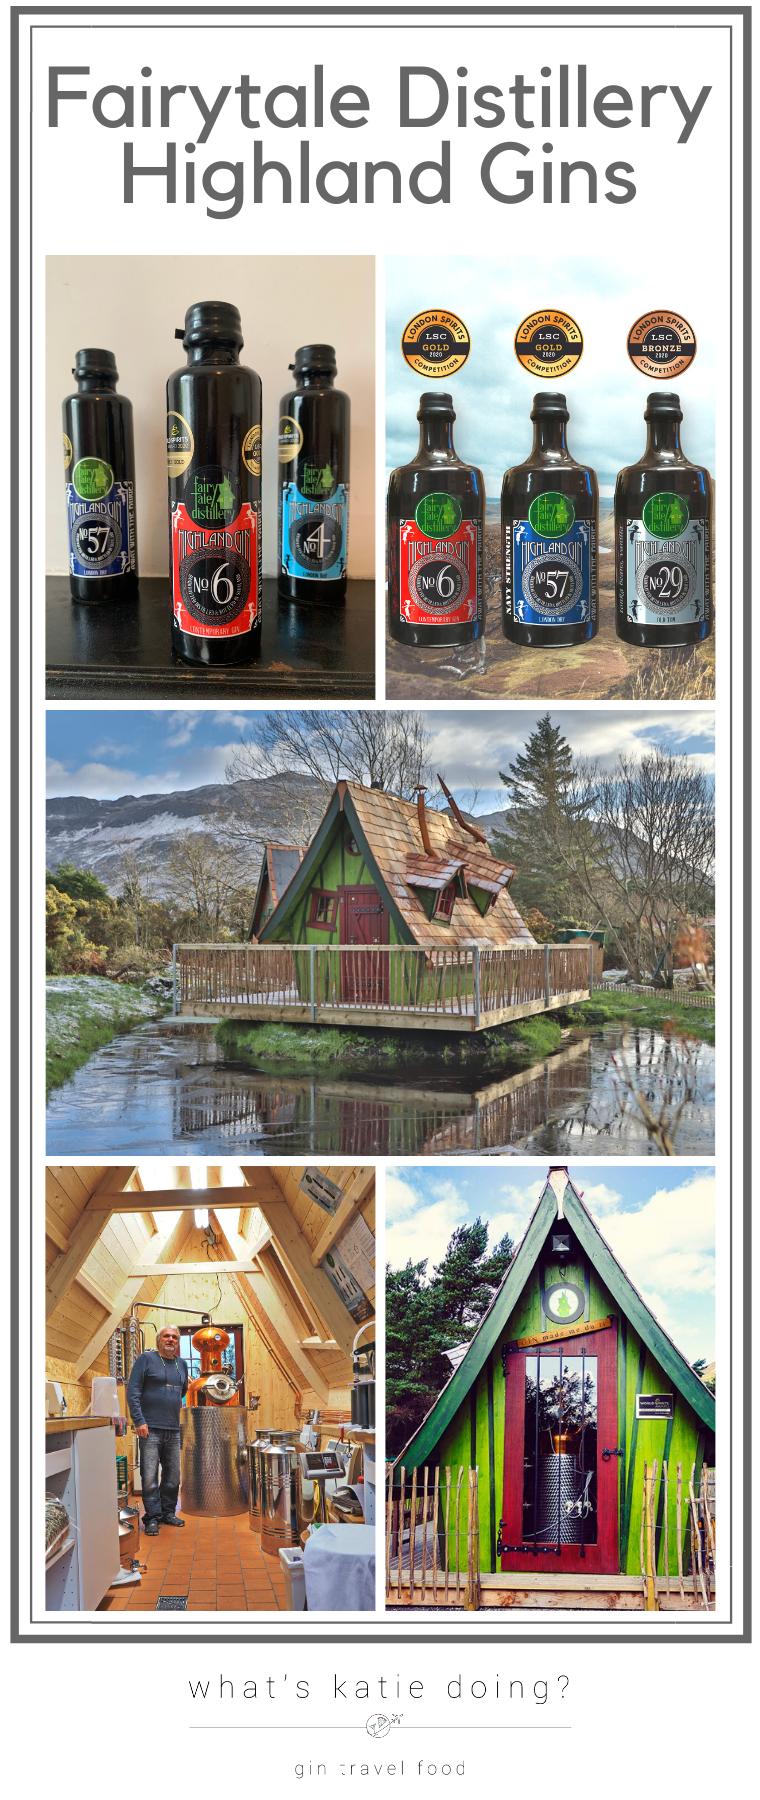 Highland gin from Fairytale distillery